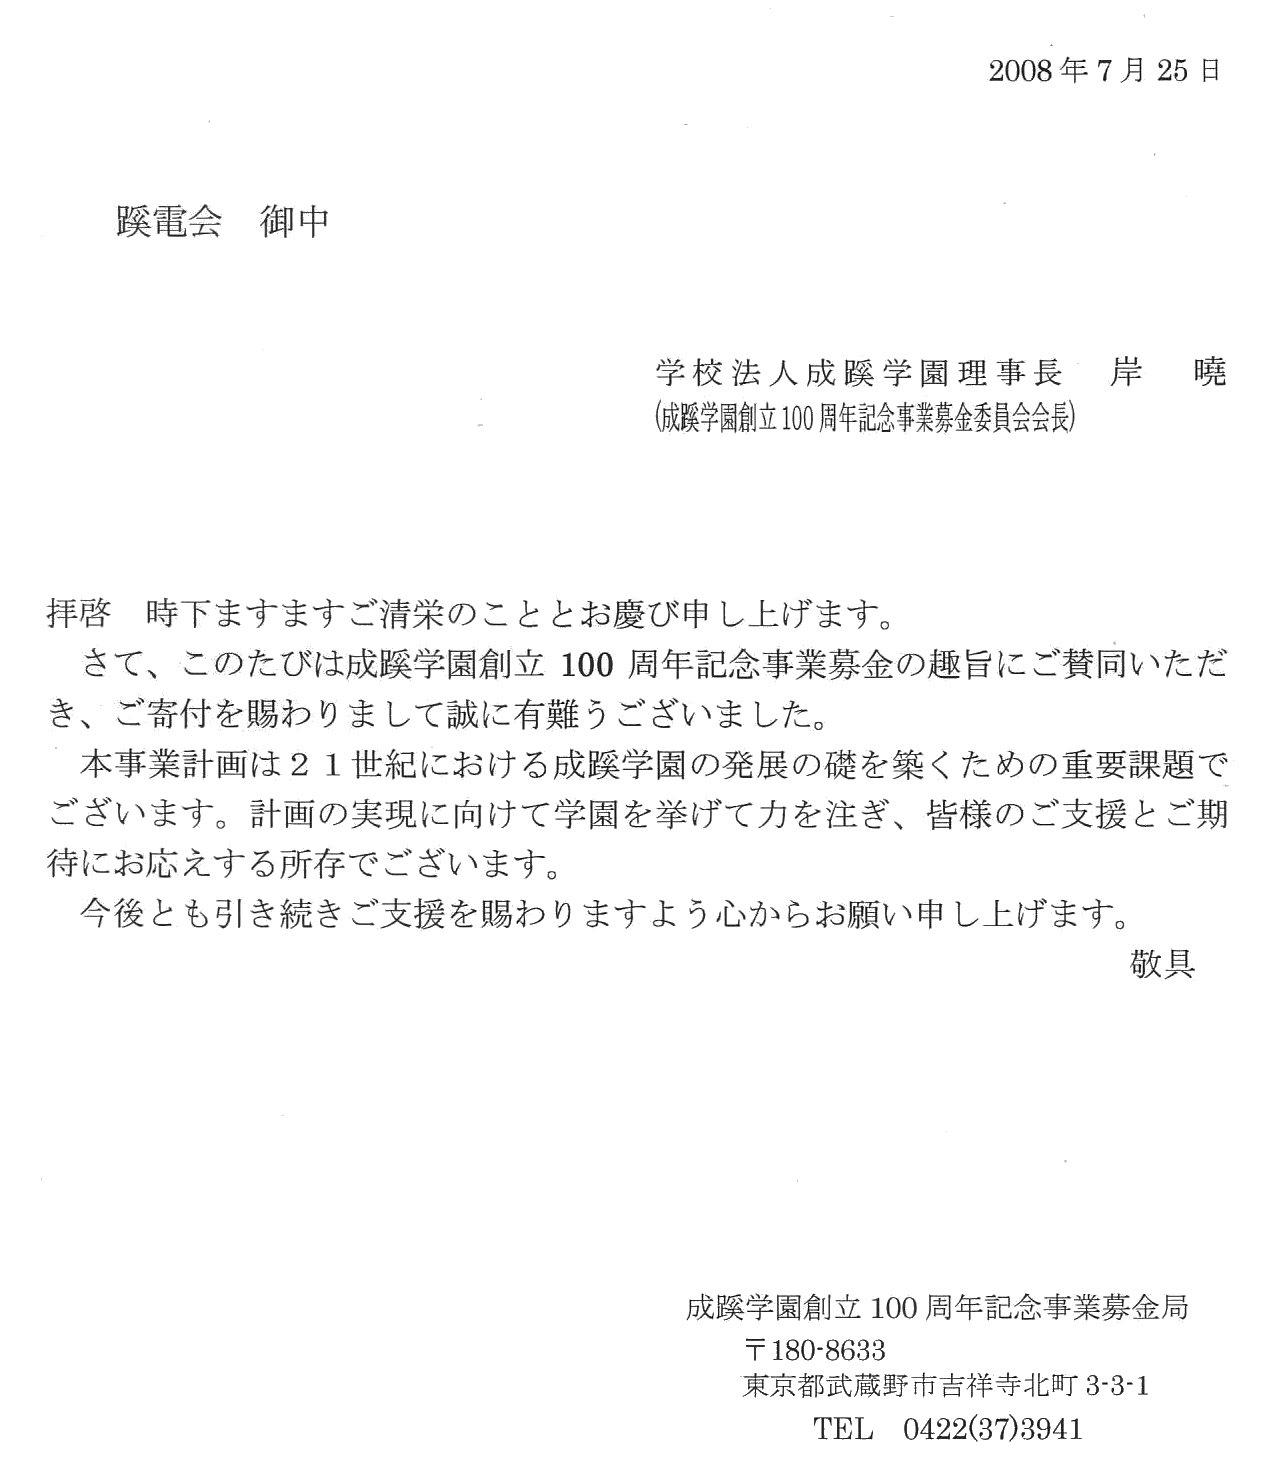 学園創立100周年記念募金礼状.